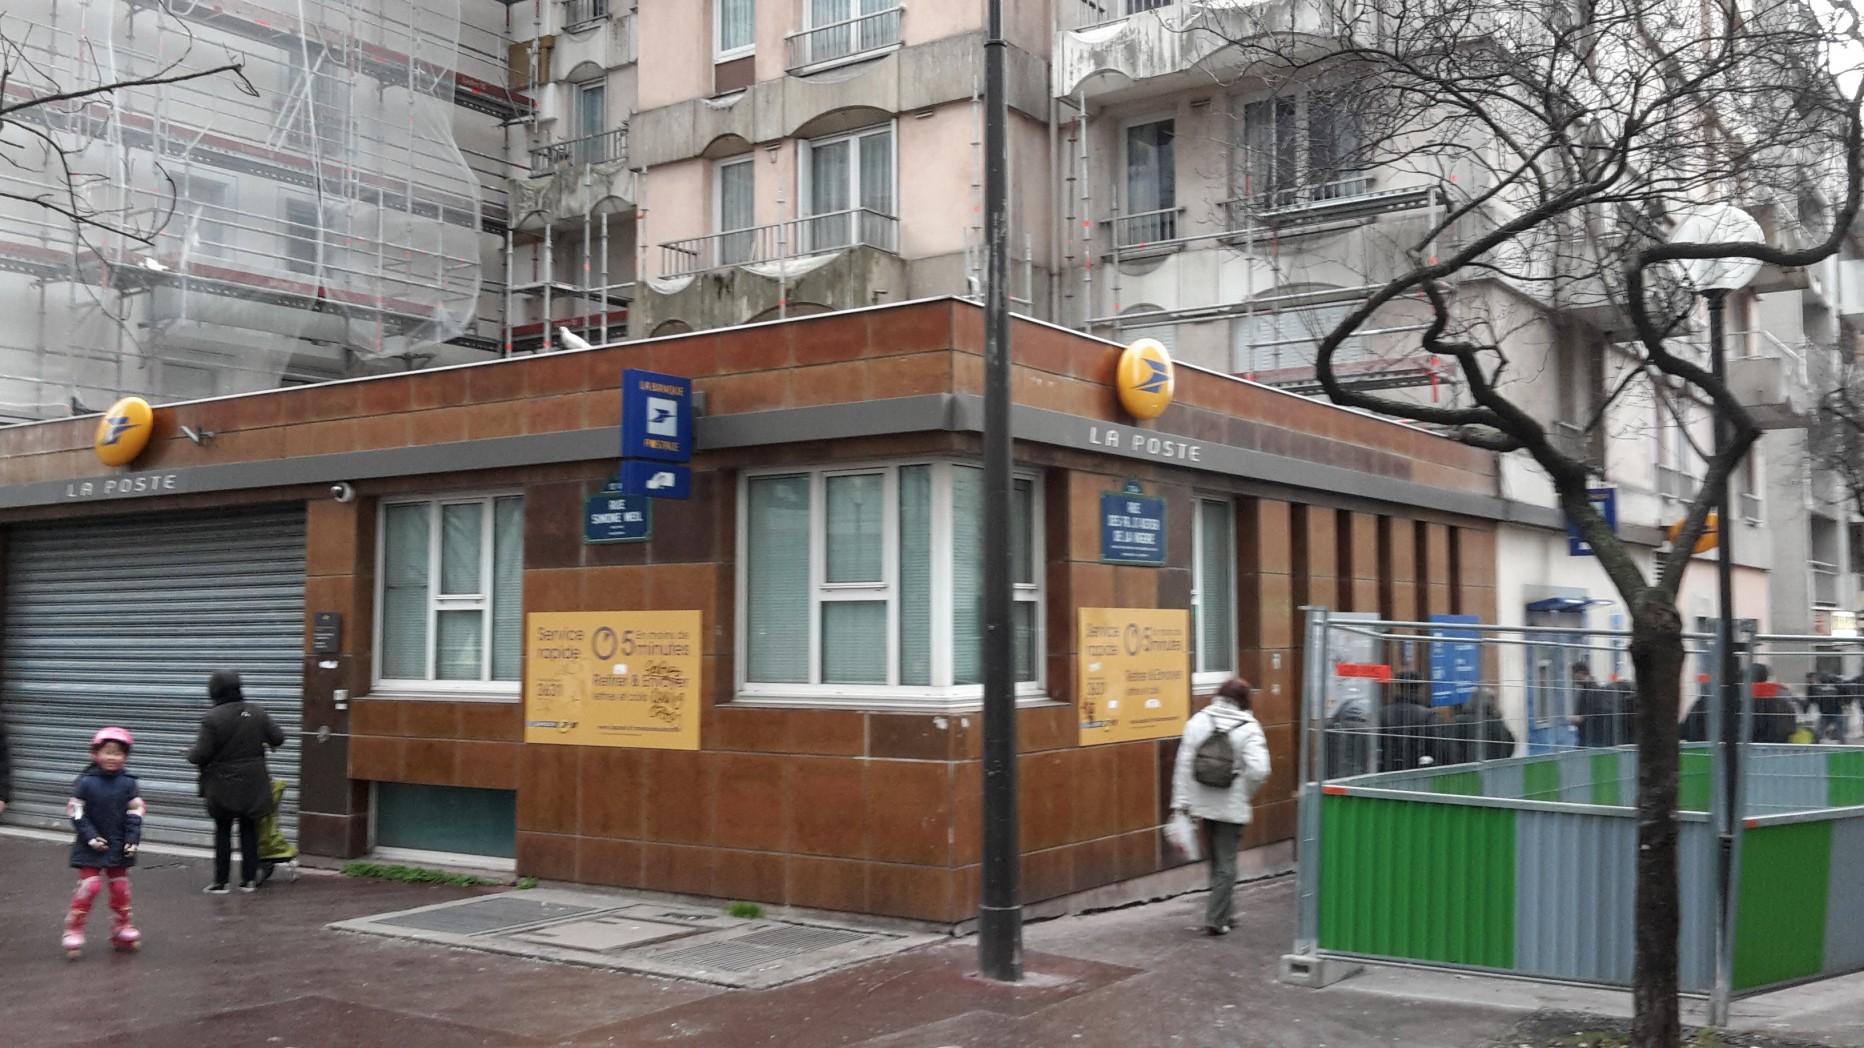 Bureau de poste paris creativecouragesummit live